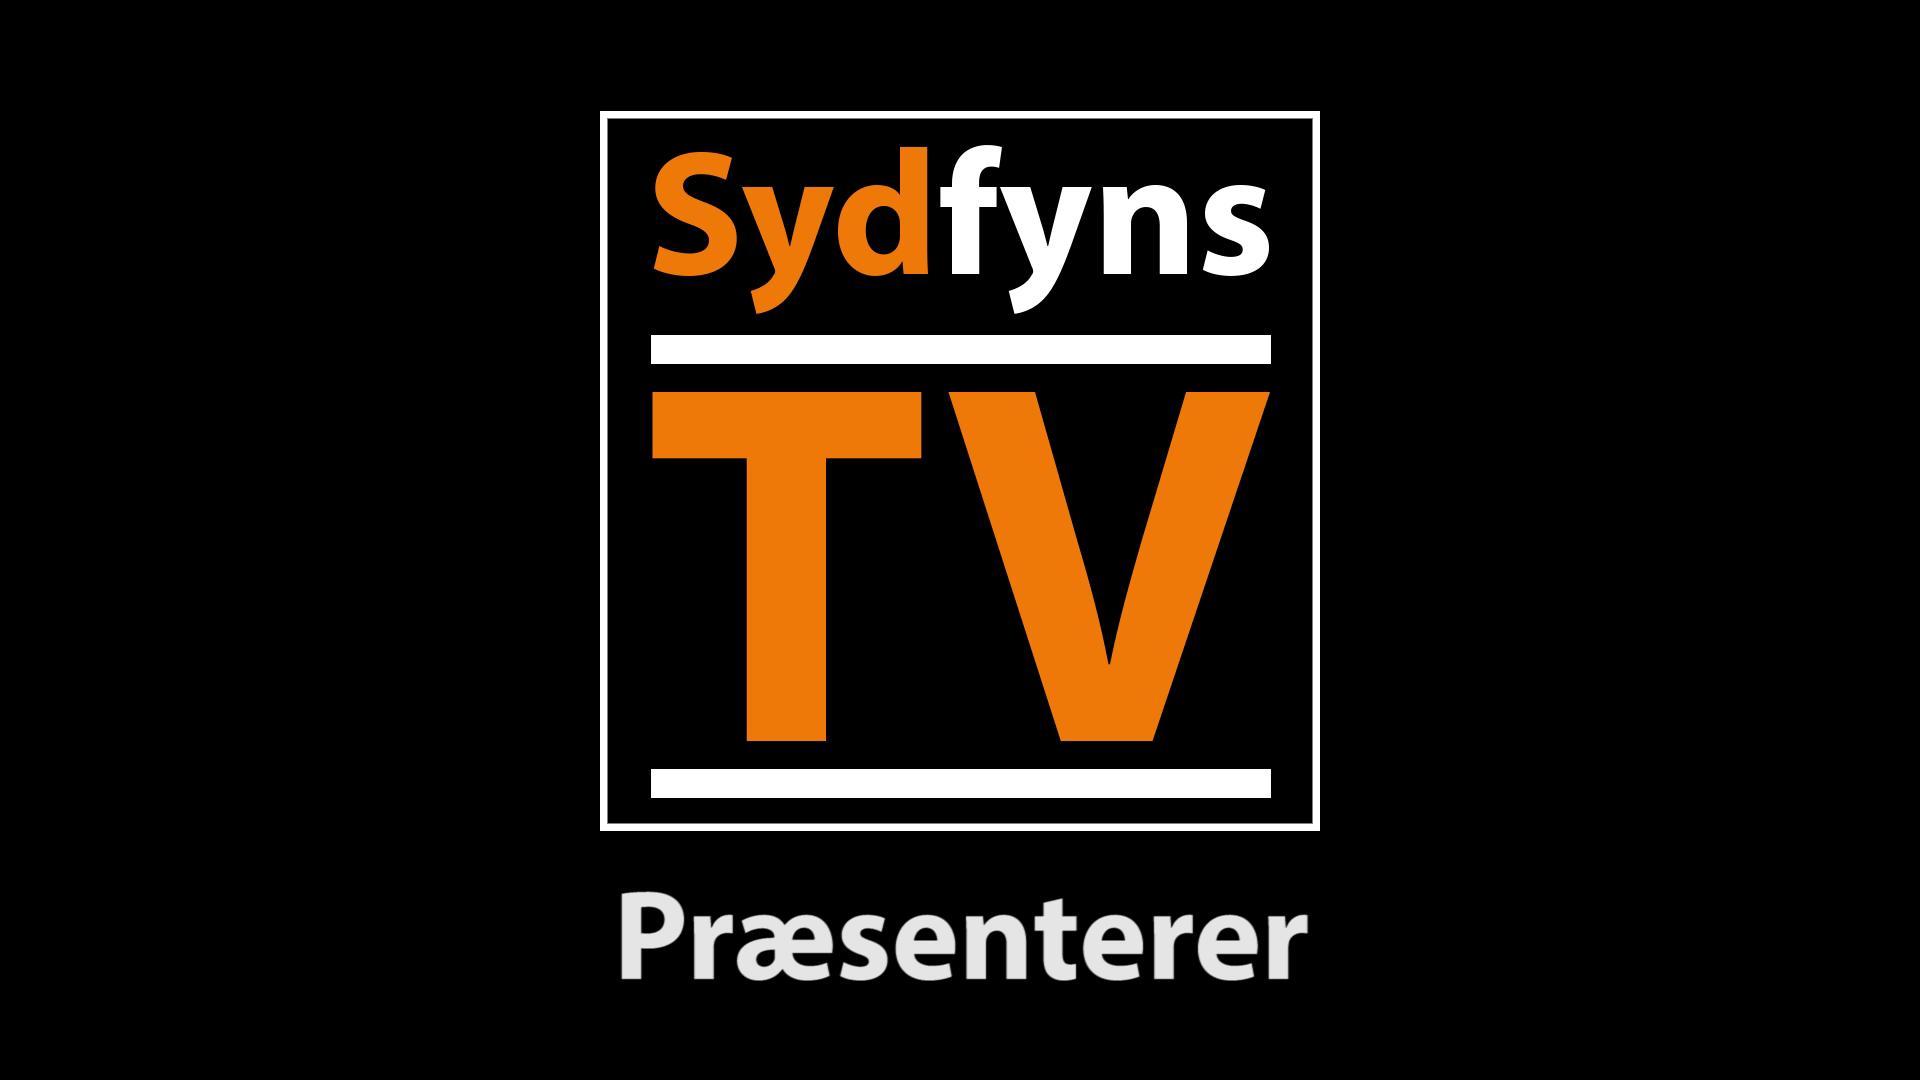 http://jh-medieproduktion.dk/html5video/sydfyns-tv-jobcenter-svendborg-2